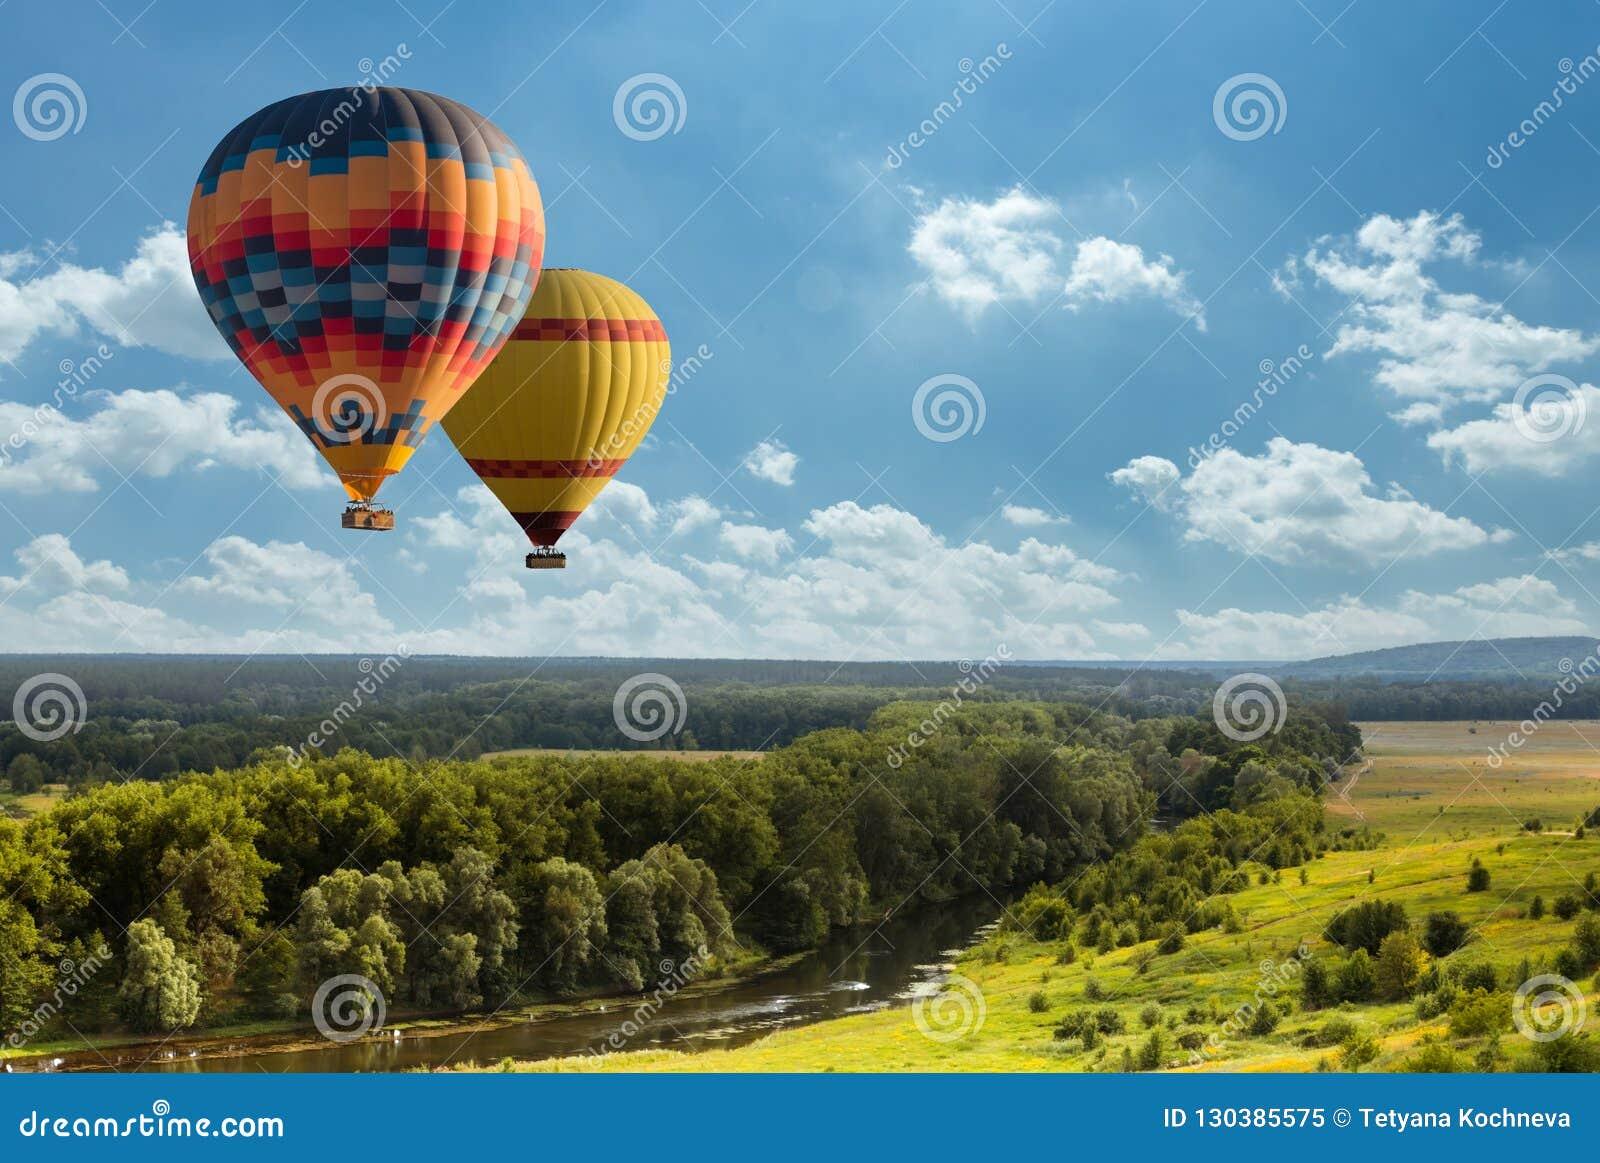 Färgrik ballong för varm luft som flyger över grönt fält